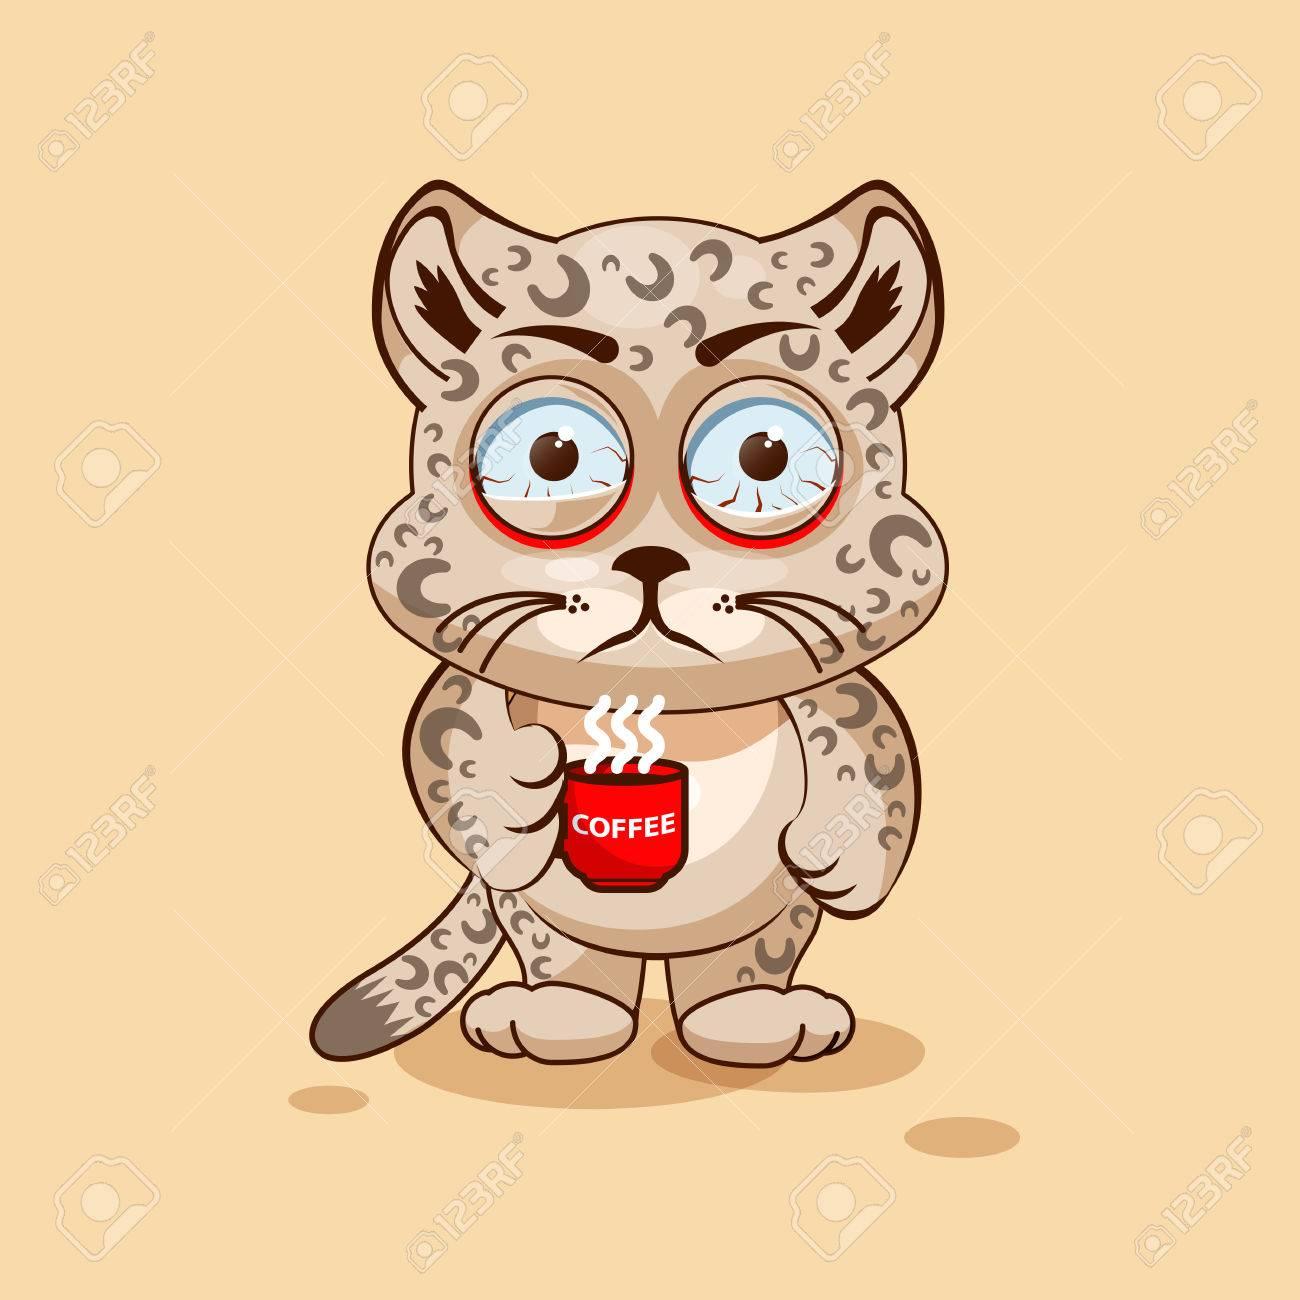 vector illustration isol emoji dessin anim caractre leopard cub nerveux avec tasse de caf autocollant moticne pour le site information graphique - Dessin Avec Emoji